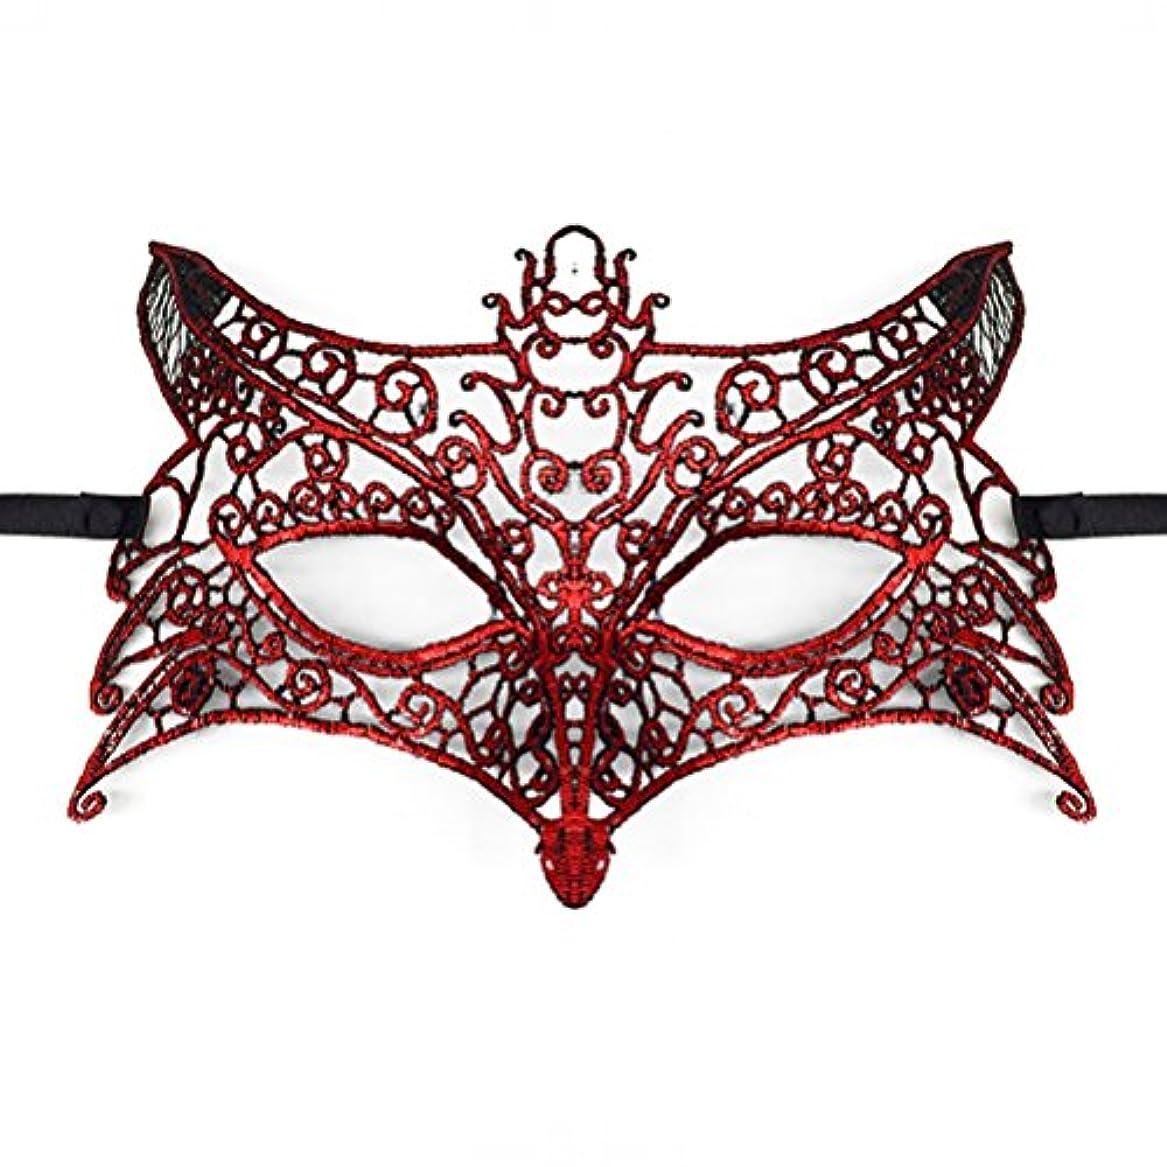 ミケランジェロノート日焼けToyvian ハロウィーンパーティー用レースマスカレードマスク(ウルフヘッド)